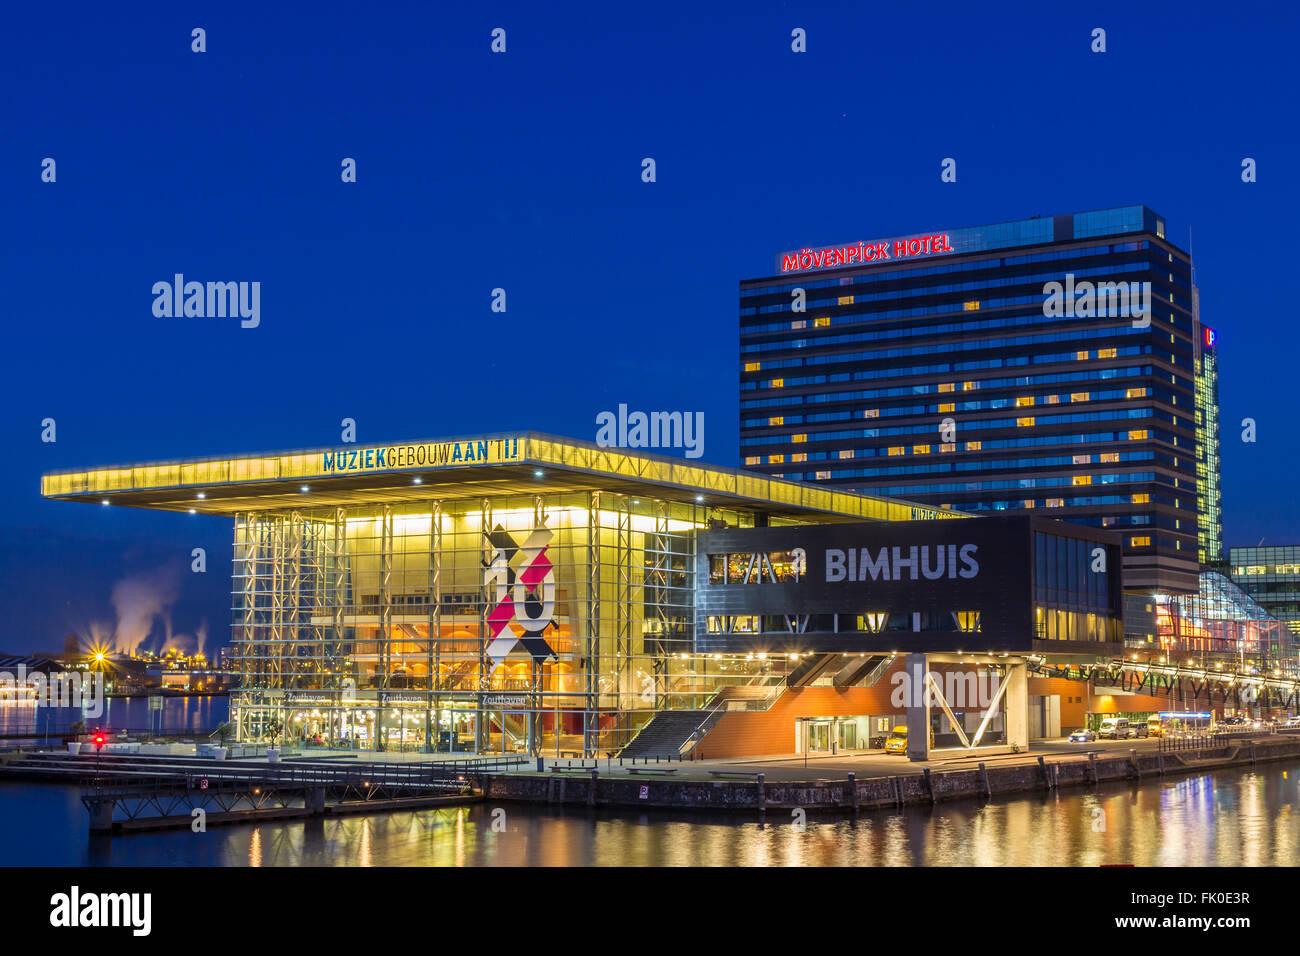 Bimhuis, movenpick hotel and muziek gebouw aan het ij in Amsterdam, the Netherlands - Stock Image